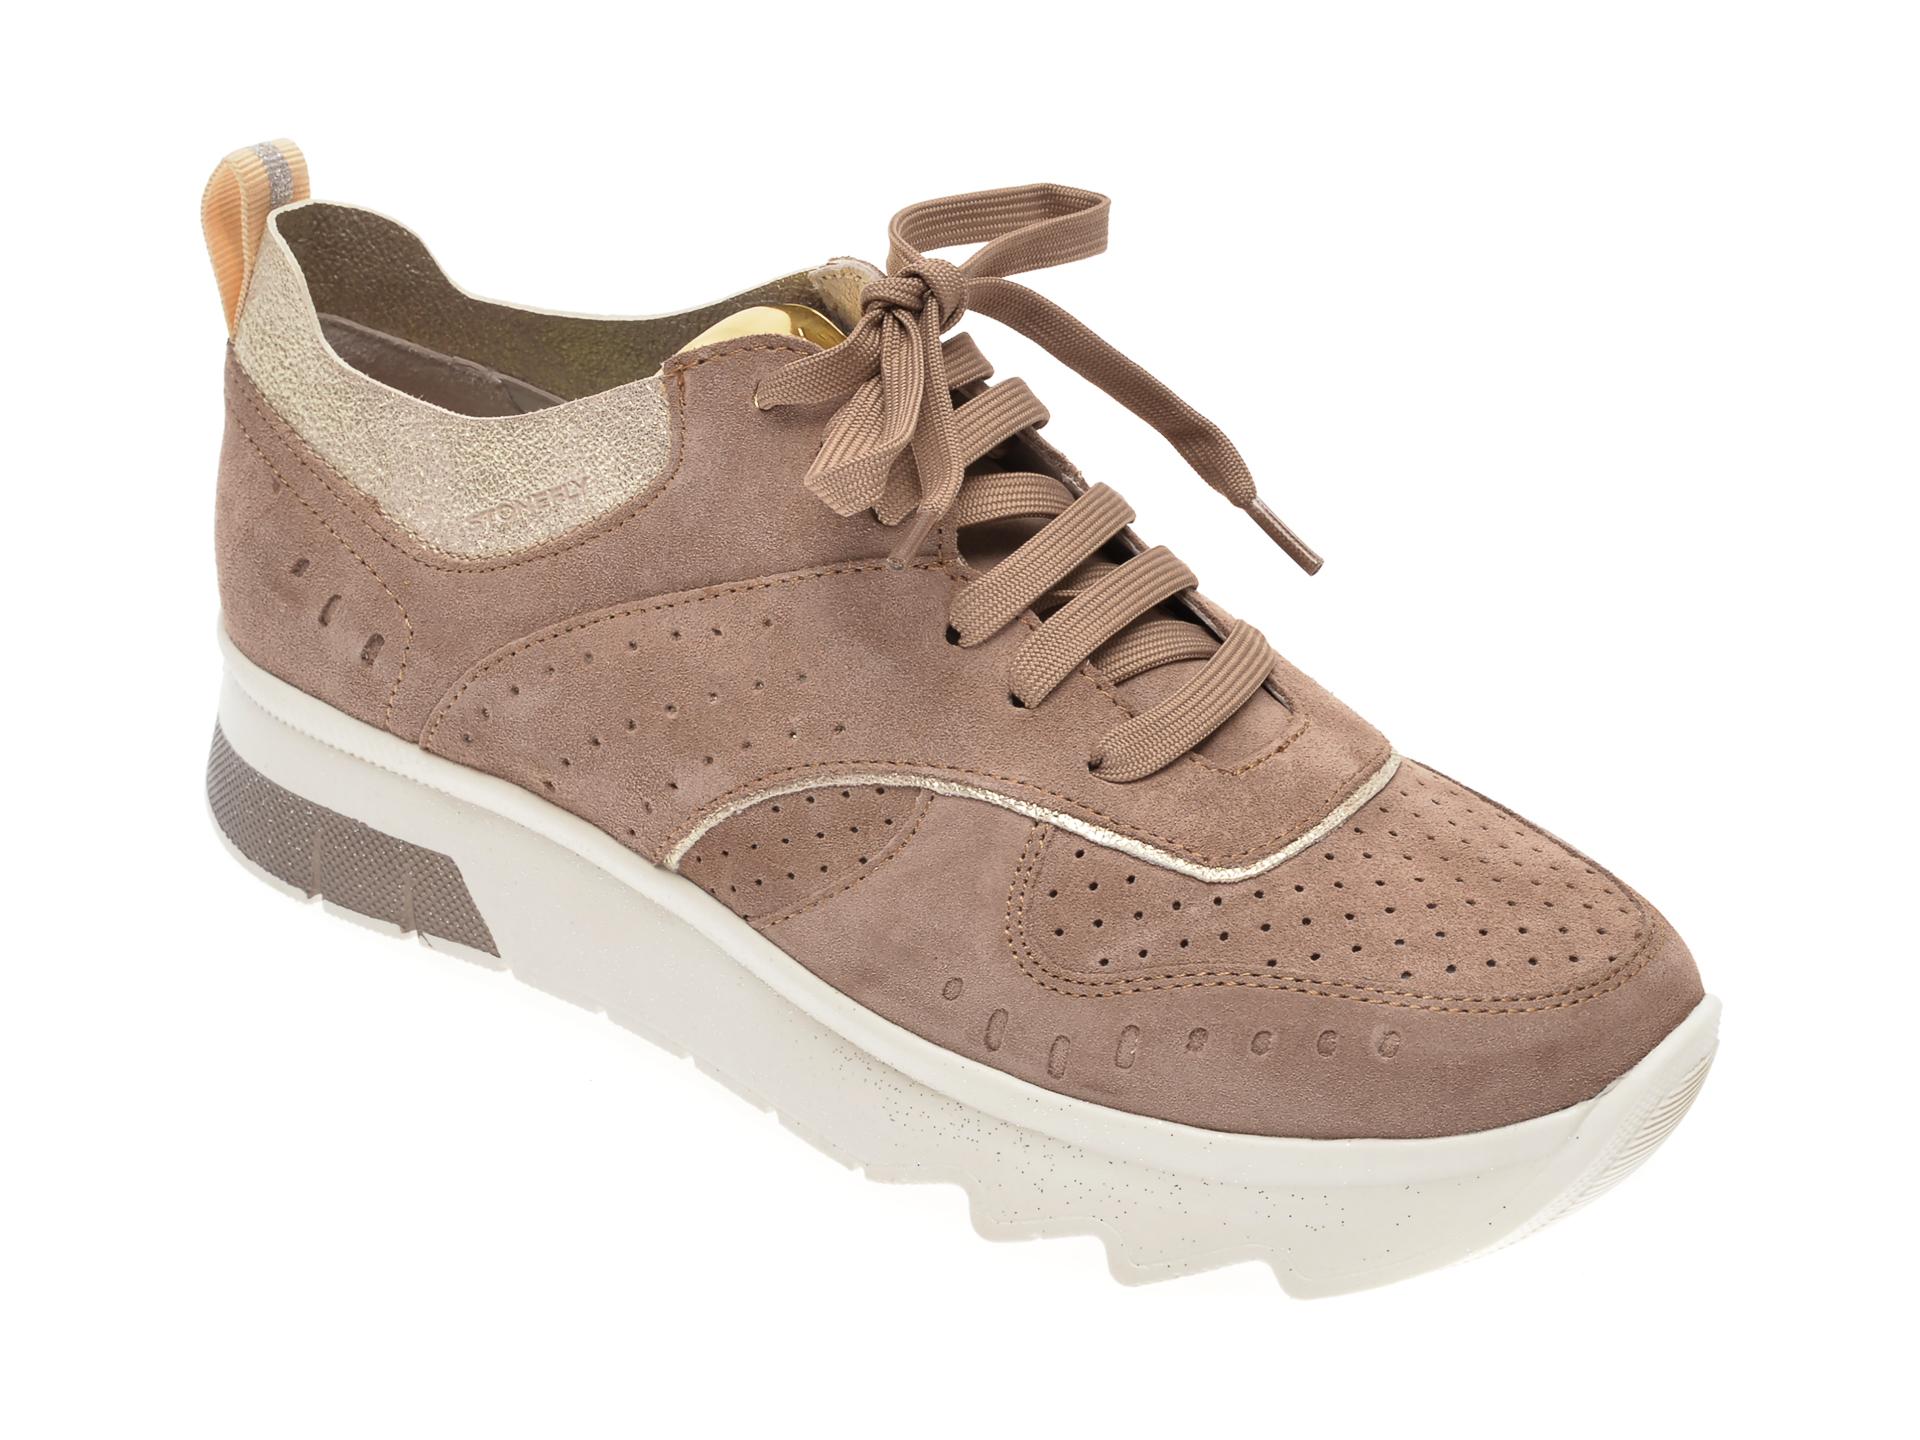 Pantofi STONEFLY maro, SPOCK14, din piele intoarsa